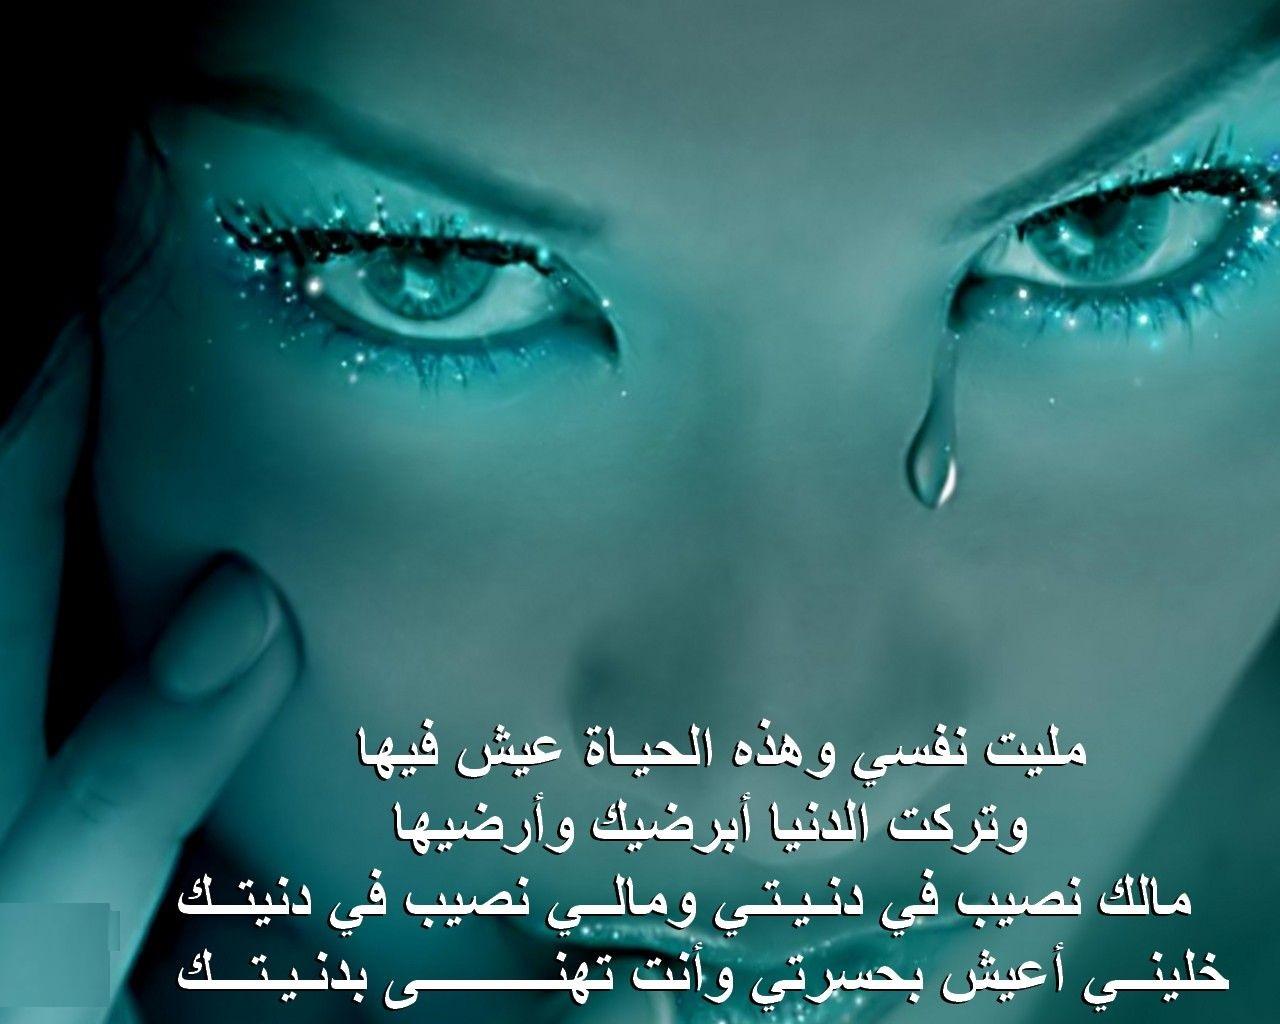 صورة صور مكتوب عليها كلام حزين , بوستات عليها كلام شجن وحزن 4975 5